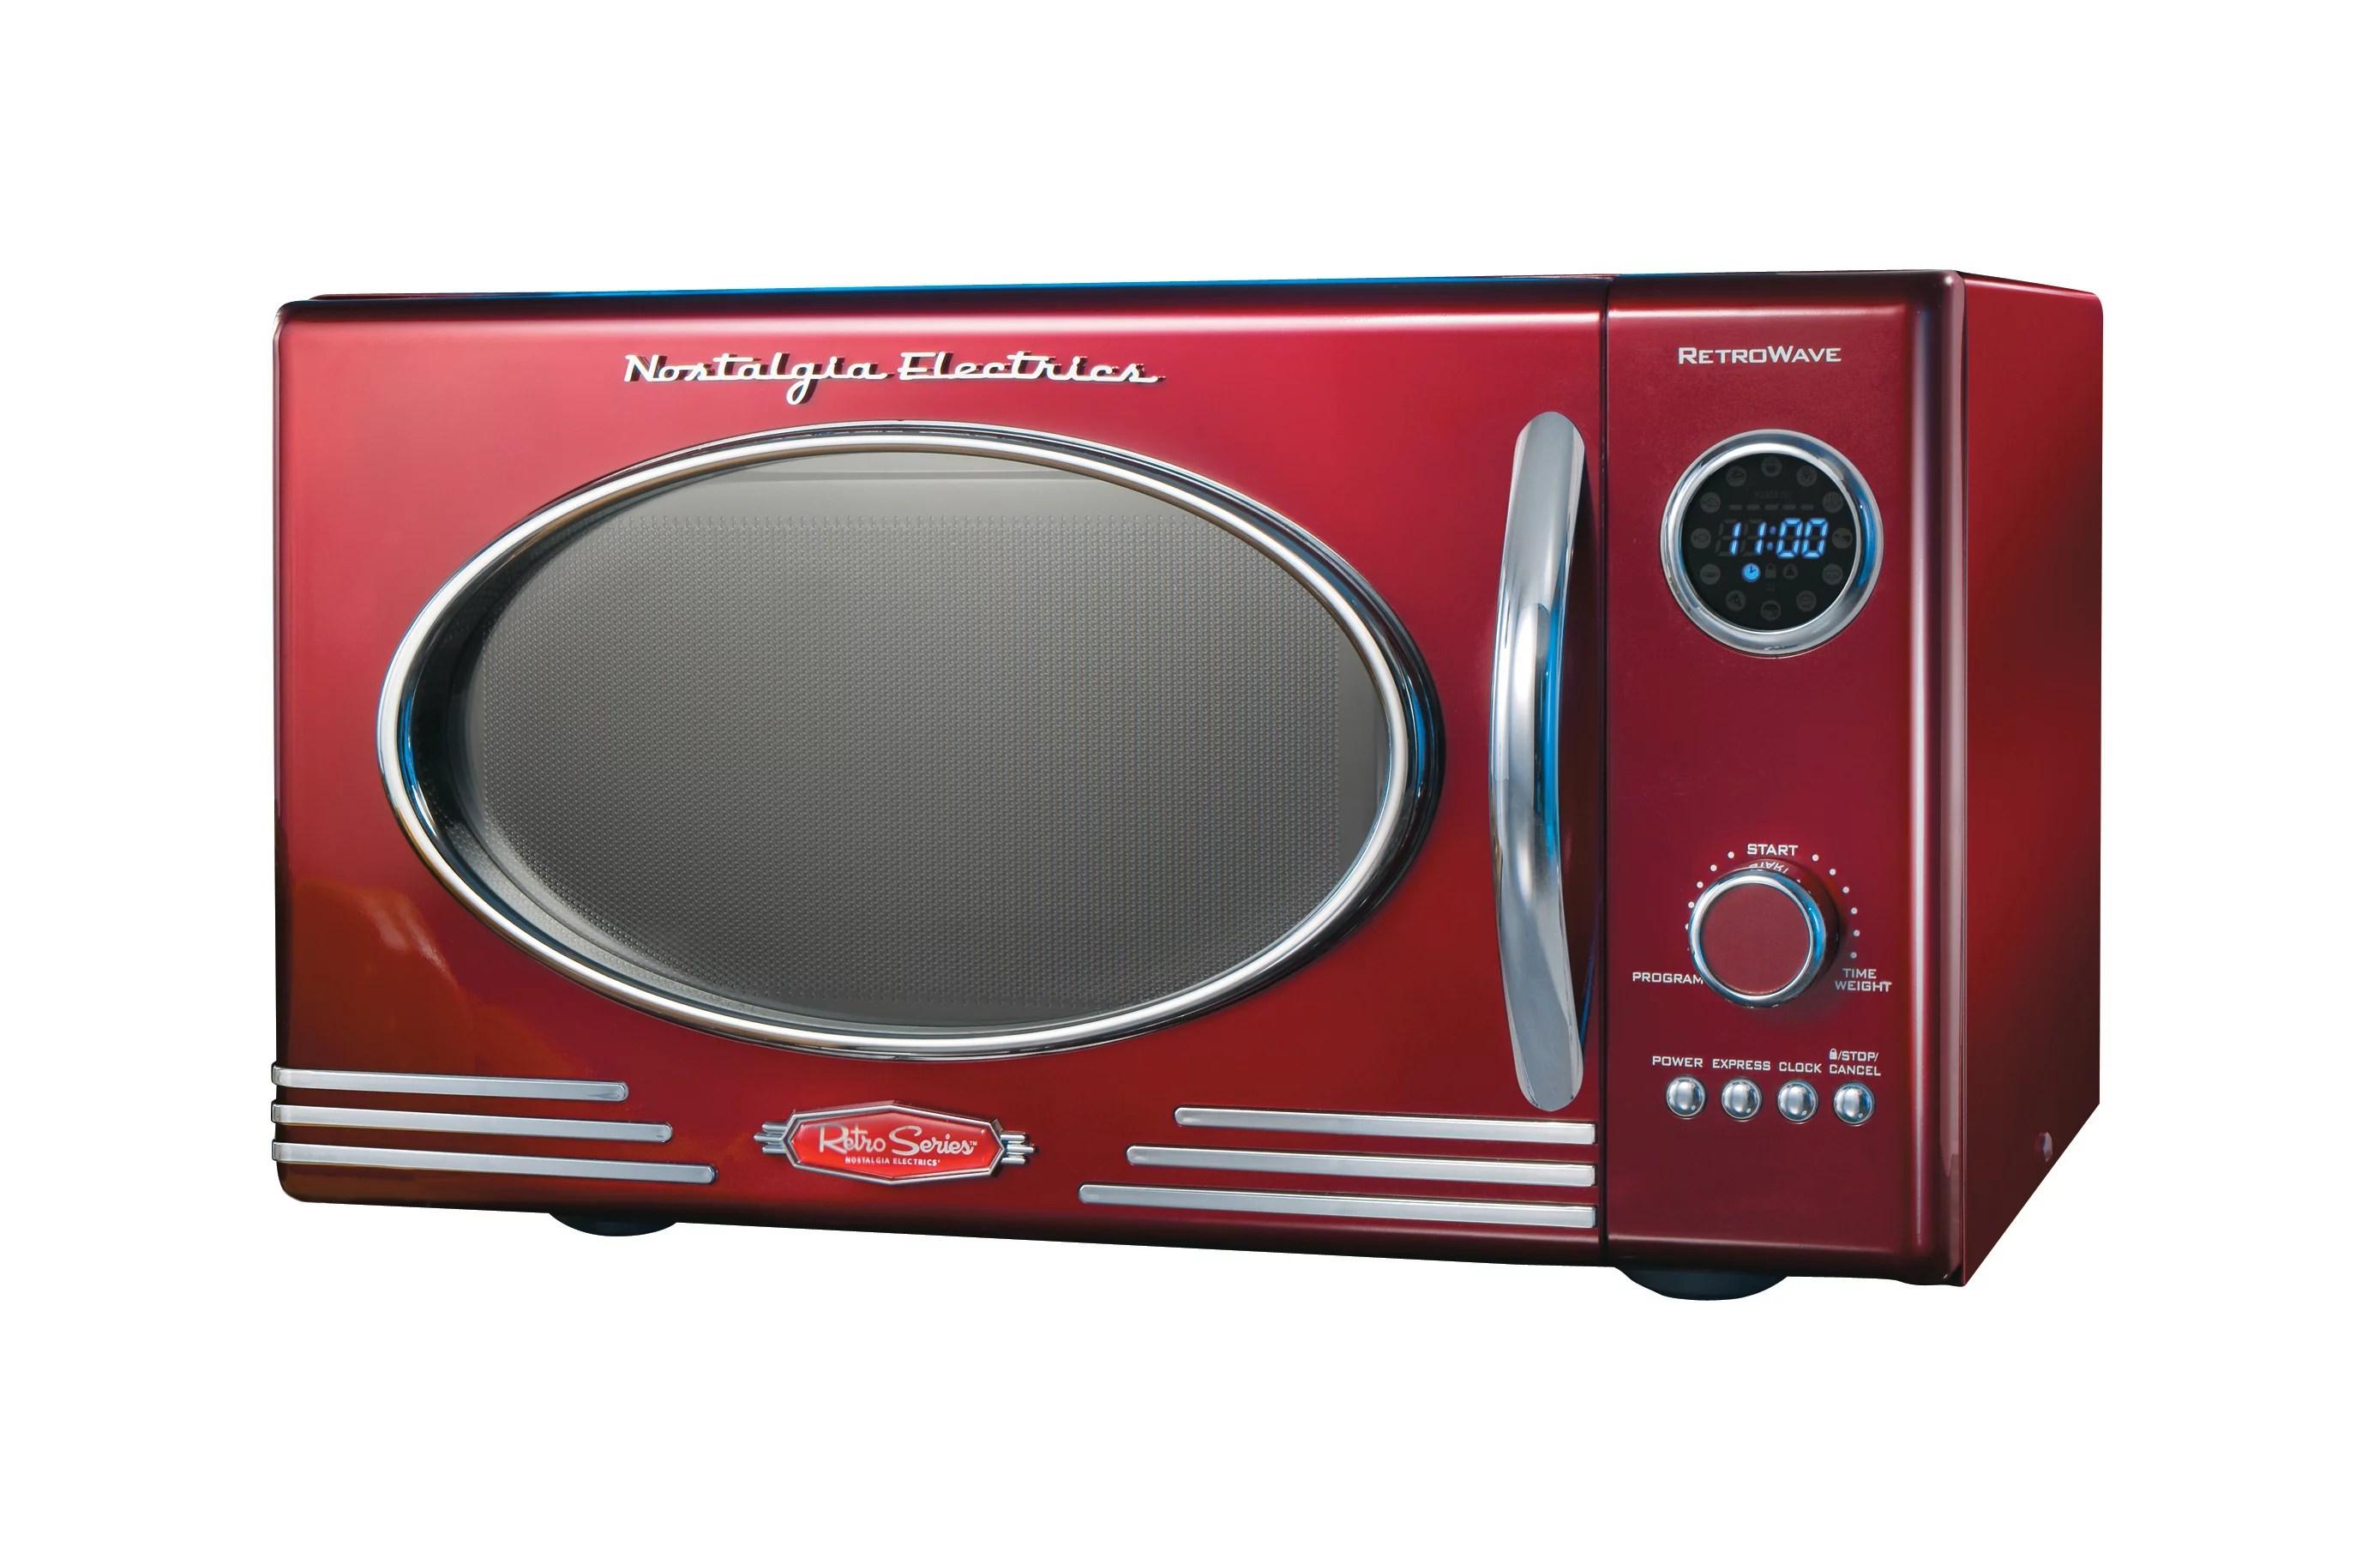 nostalgia rmo400red retro 0 9 cubic foot microwave oven walmart com walmart com